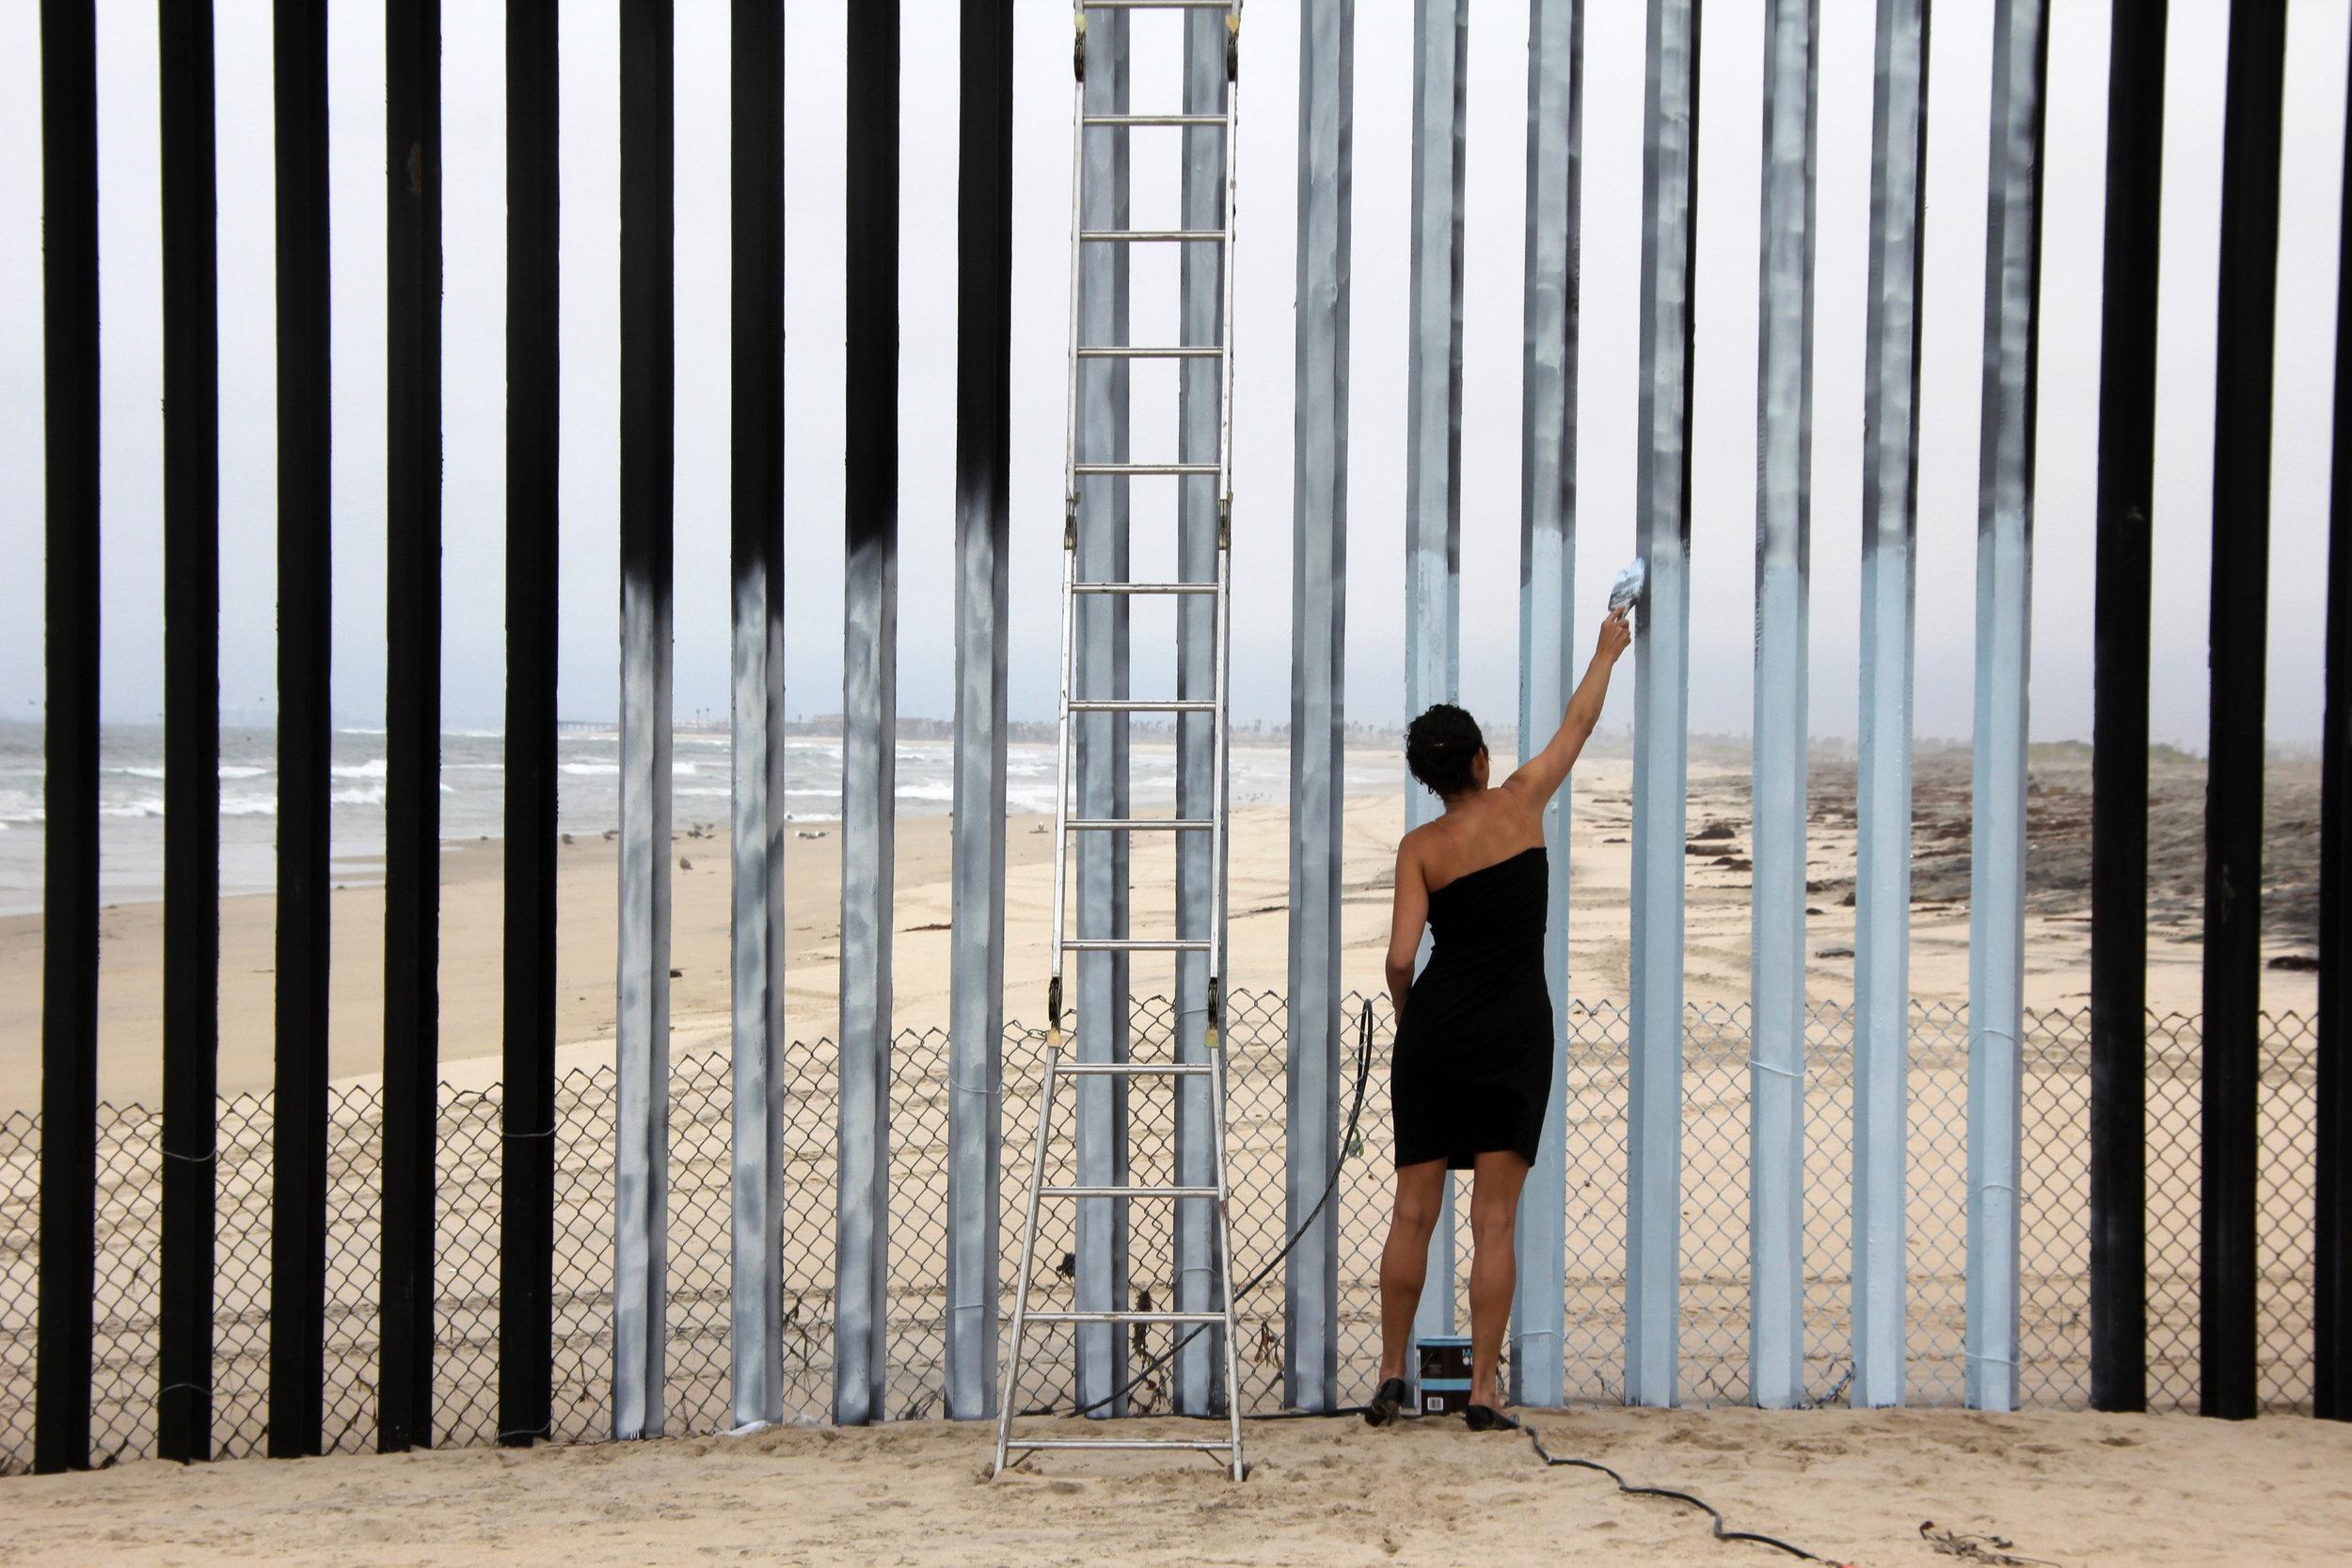 Borrando la Frontera, 2011, Ana Teresa Fernández. Photo by Maria Teresa Fernández